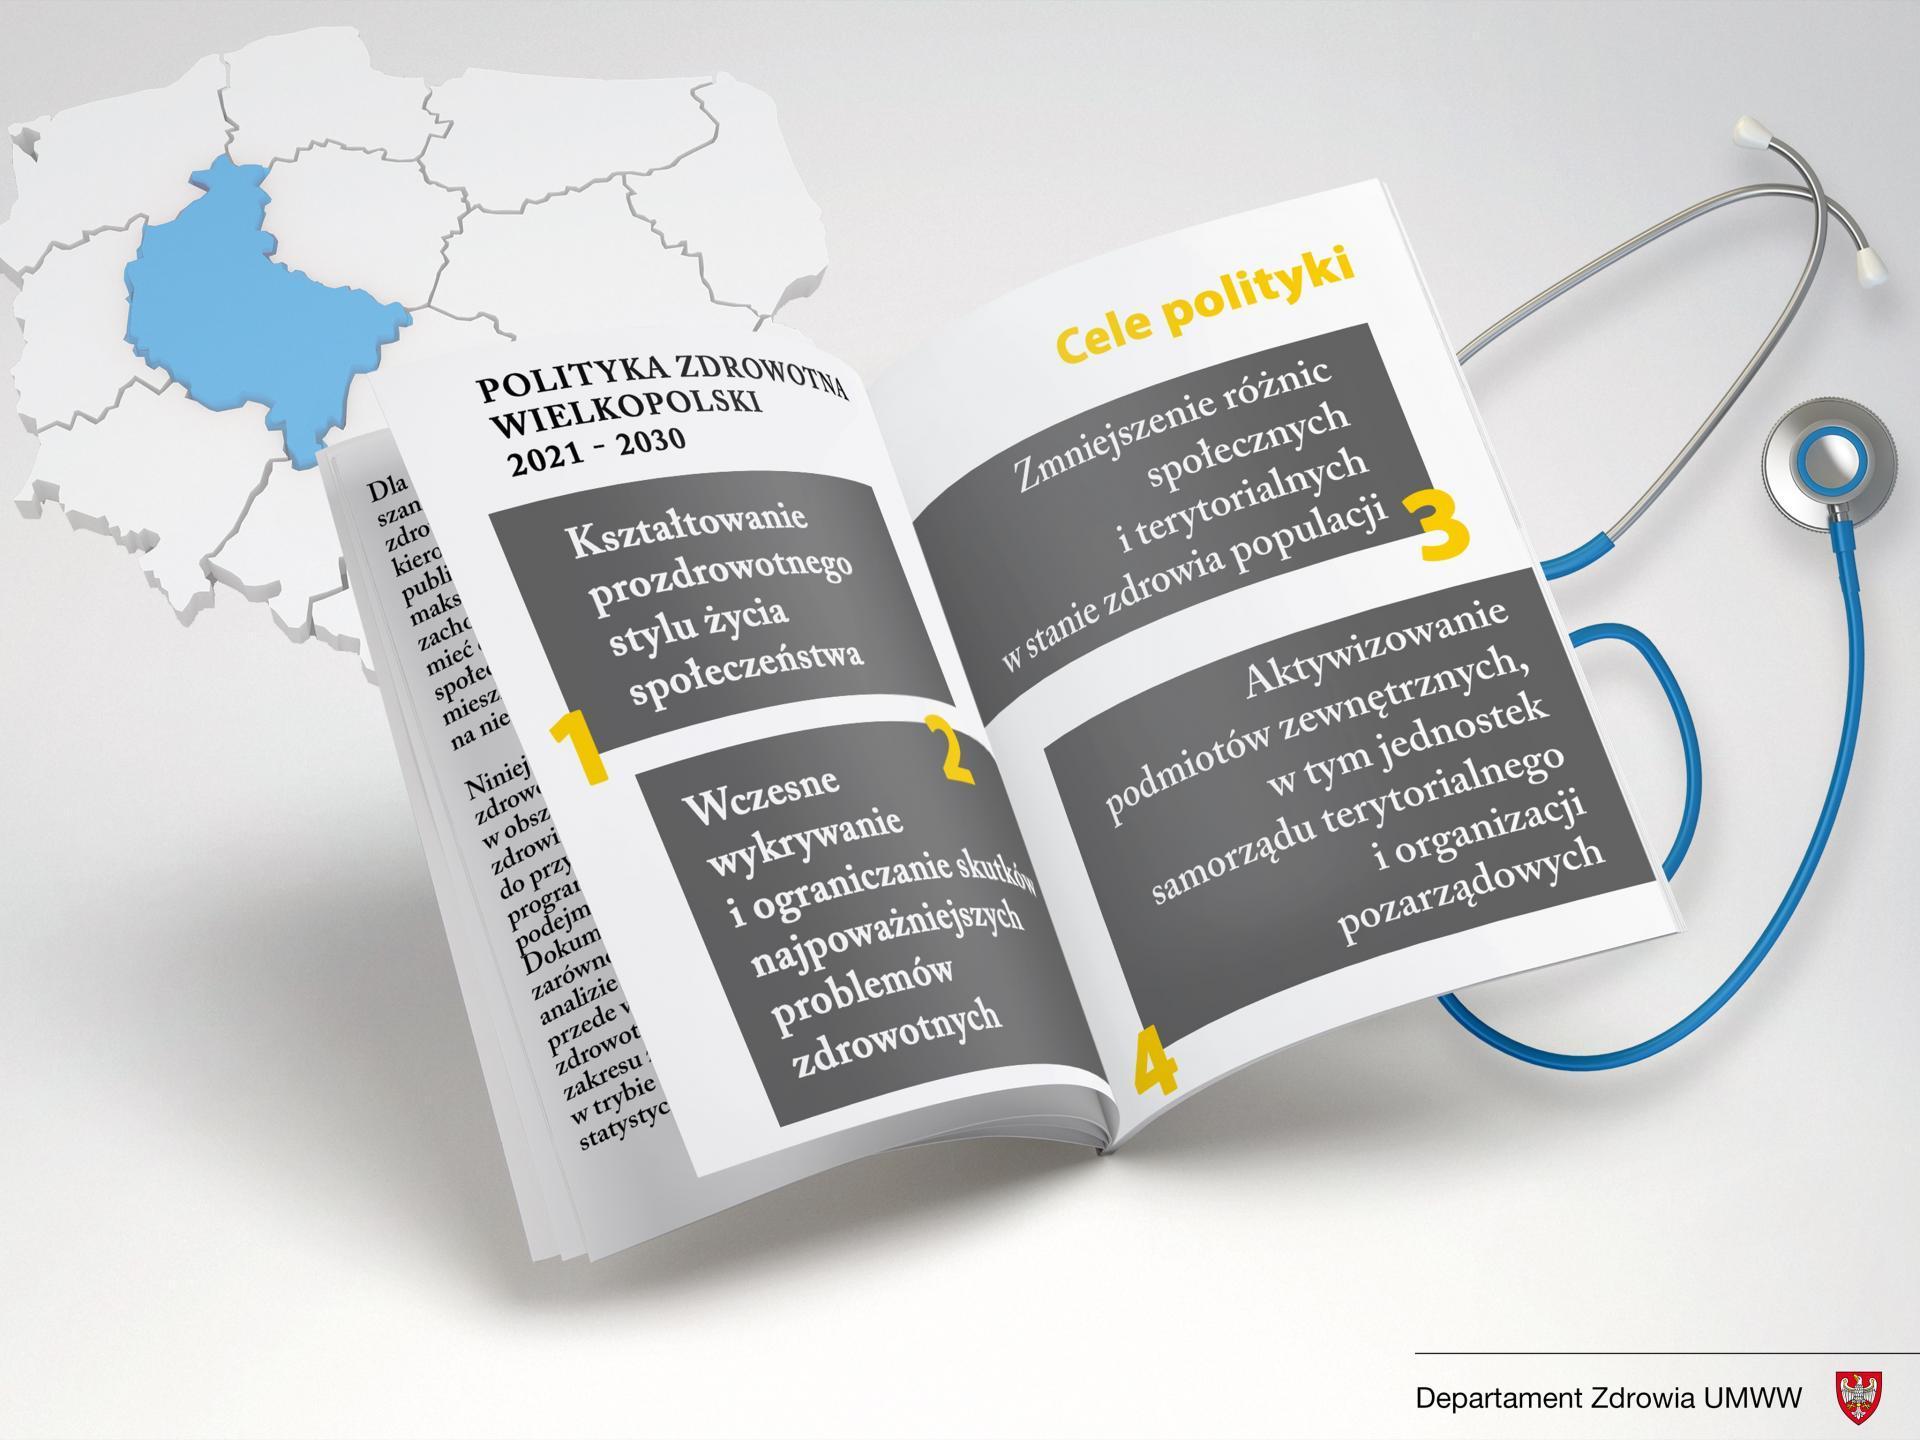 Polityka Zdrowotna Województwa Wielkopolskiego w Zakresie Zdrowia Publicznego Promocji i Profilaktyki Zdrowotnej na lata 2021 – 2030 - zobacz więcej